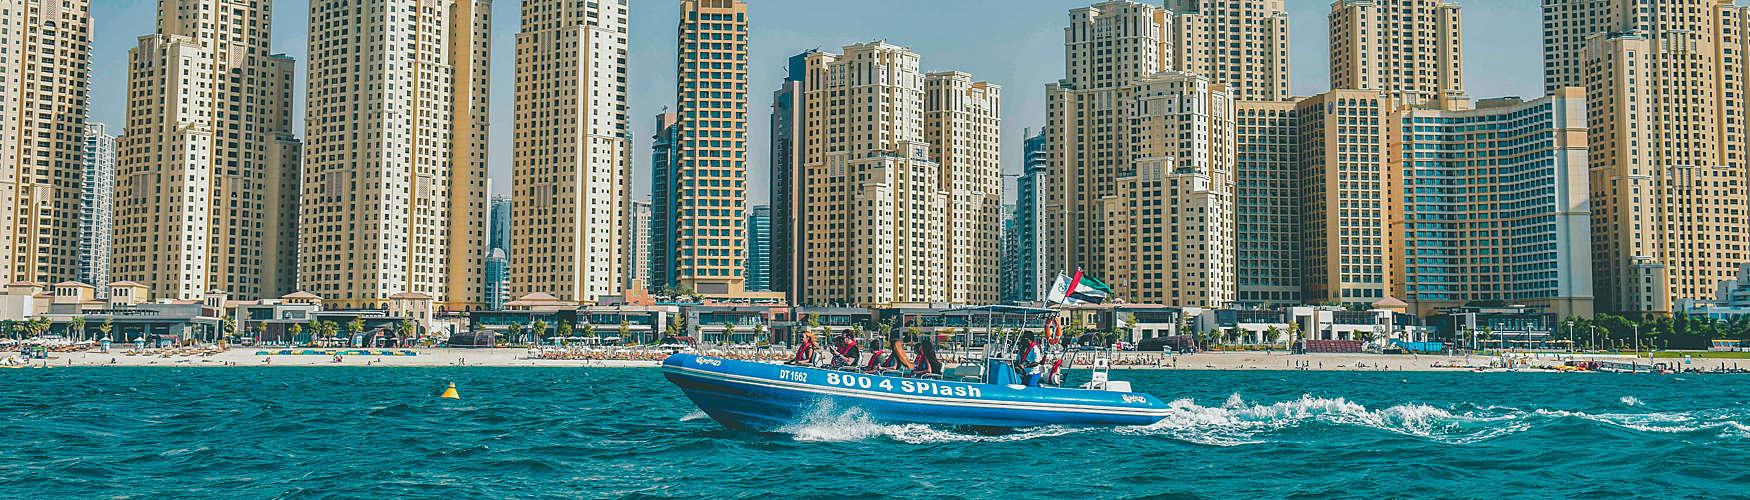 Cover image for Dubai